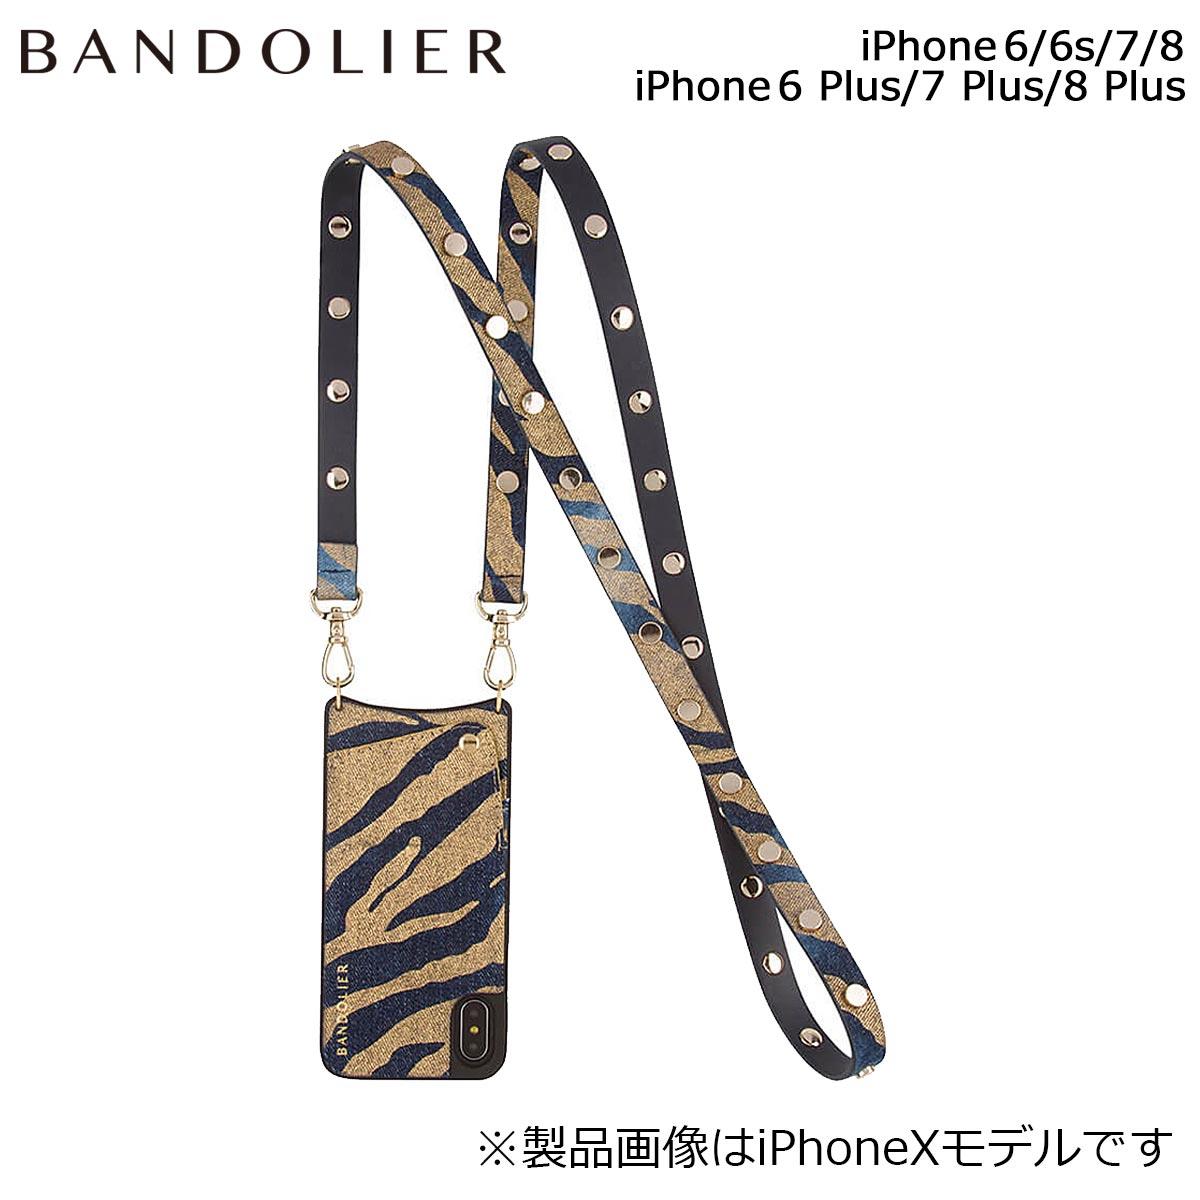 バンドリヤー BANDOLIER iPhone8 iPhone7 7Plus 6s ケース スマホ アイフォン プラス ROMY GOLD DENIM メンズ レディース ゴールドデニム